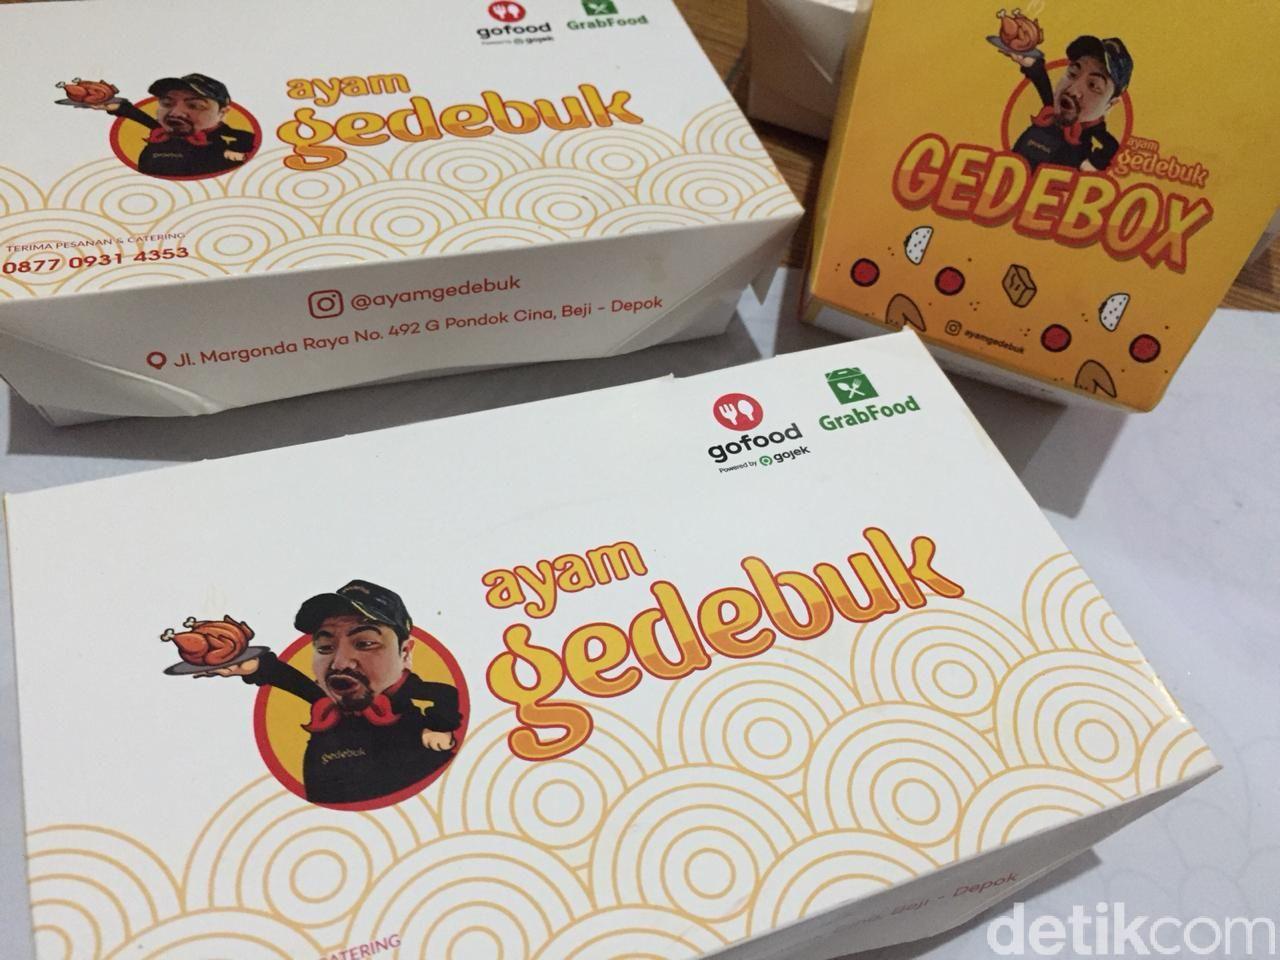 Review Ayam Gedebux Milik Nex Carlos